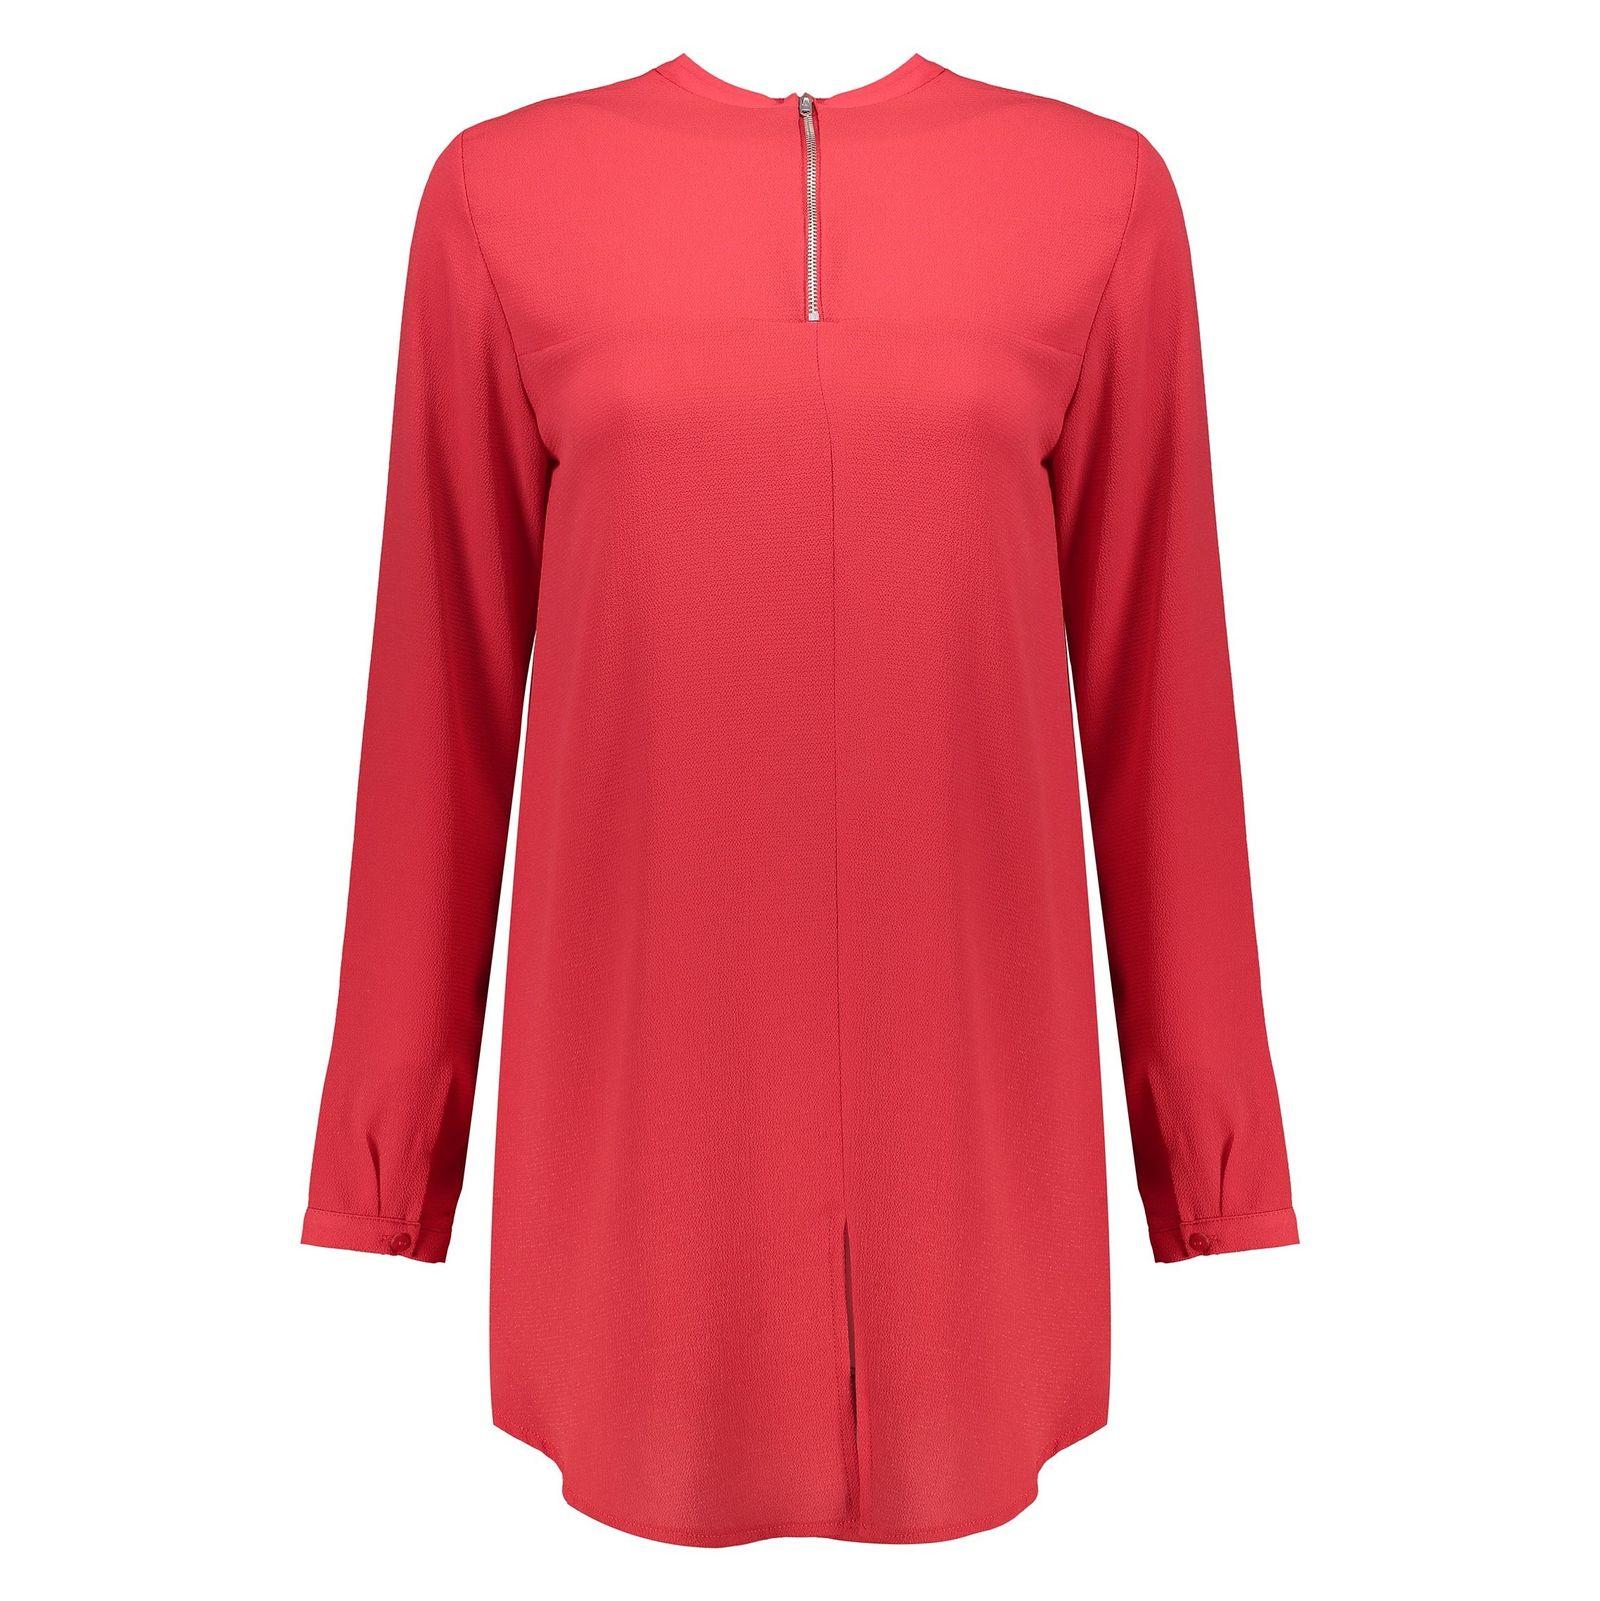 تونیک آستین بلند زنانه - دفکتو - قرمز - 1